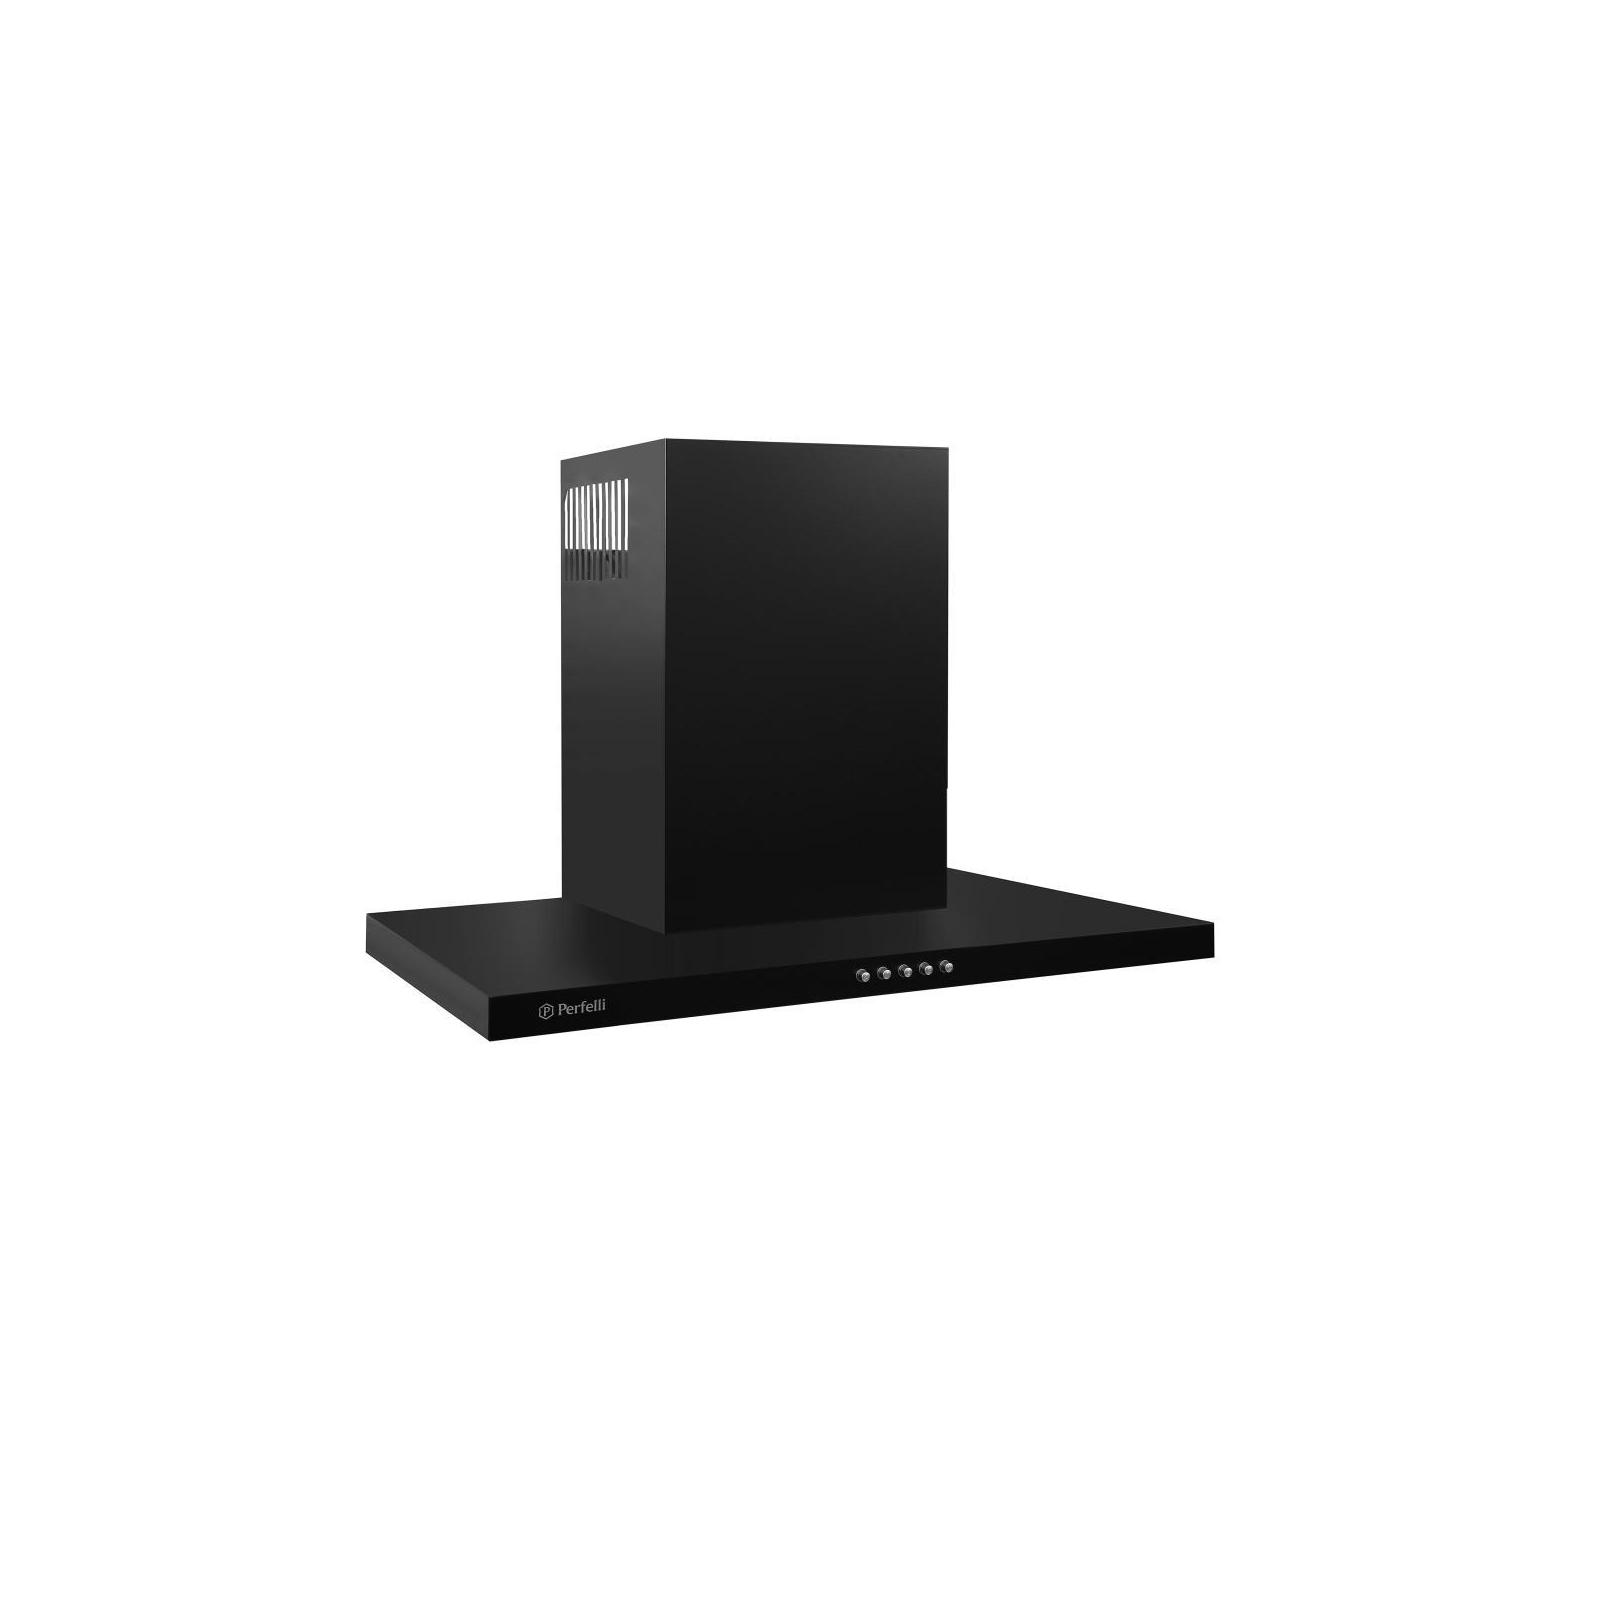 Вытяжка кухонная PERFELLI T 6612 A 1000 BL LED изображение 4